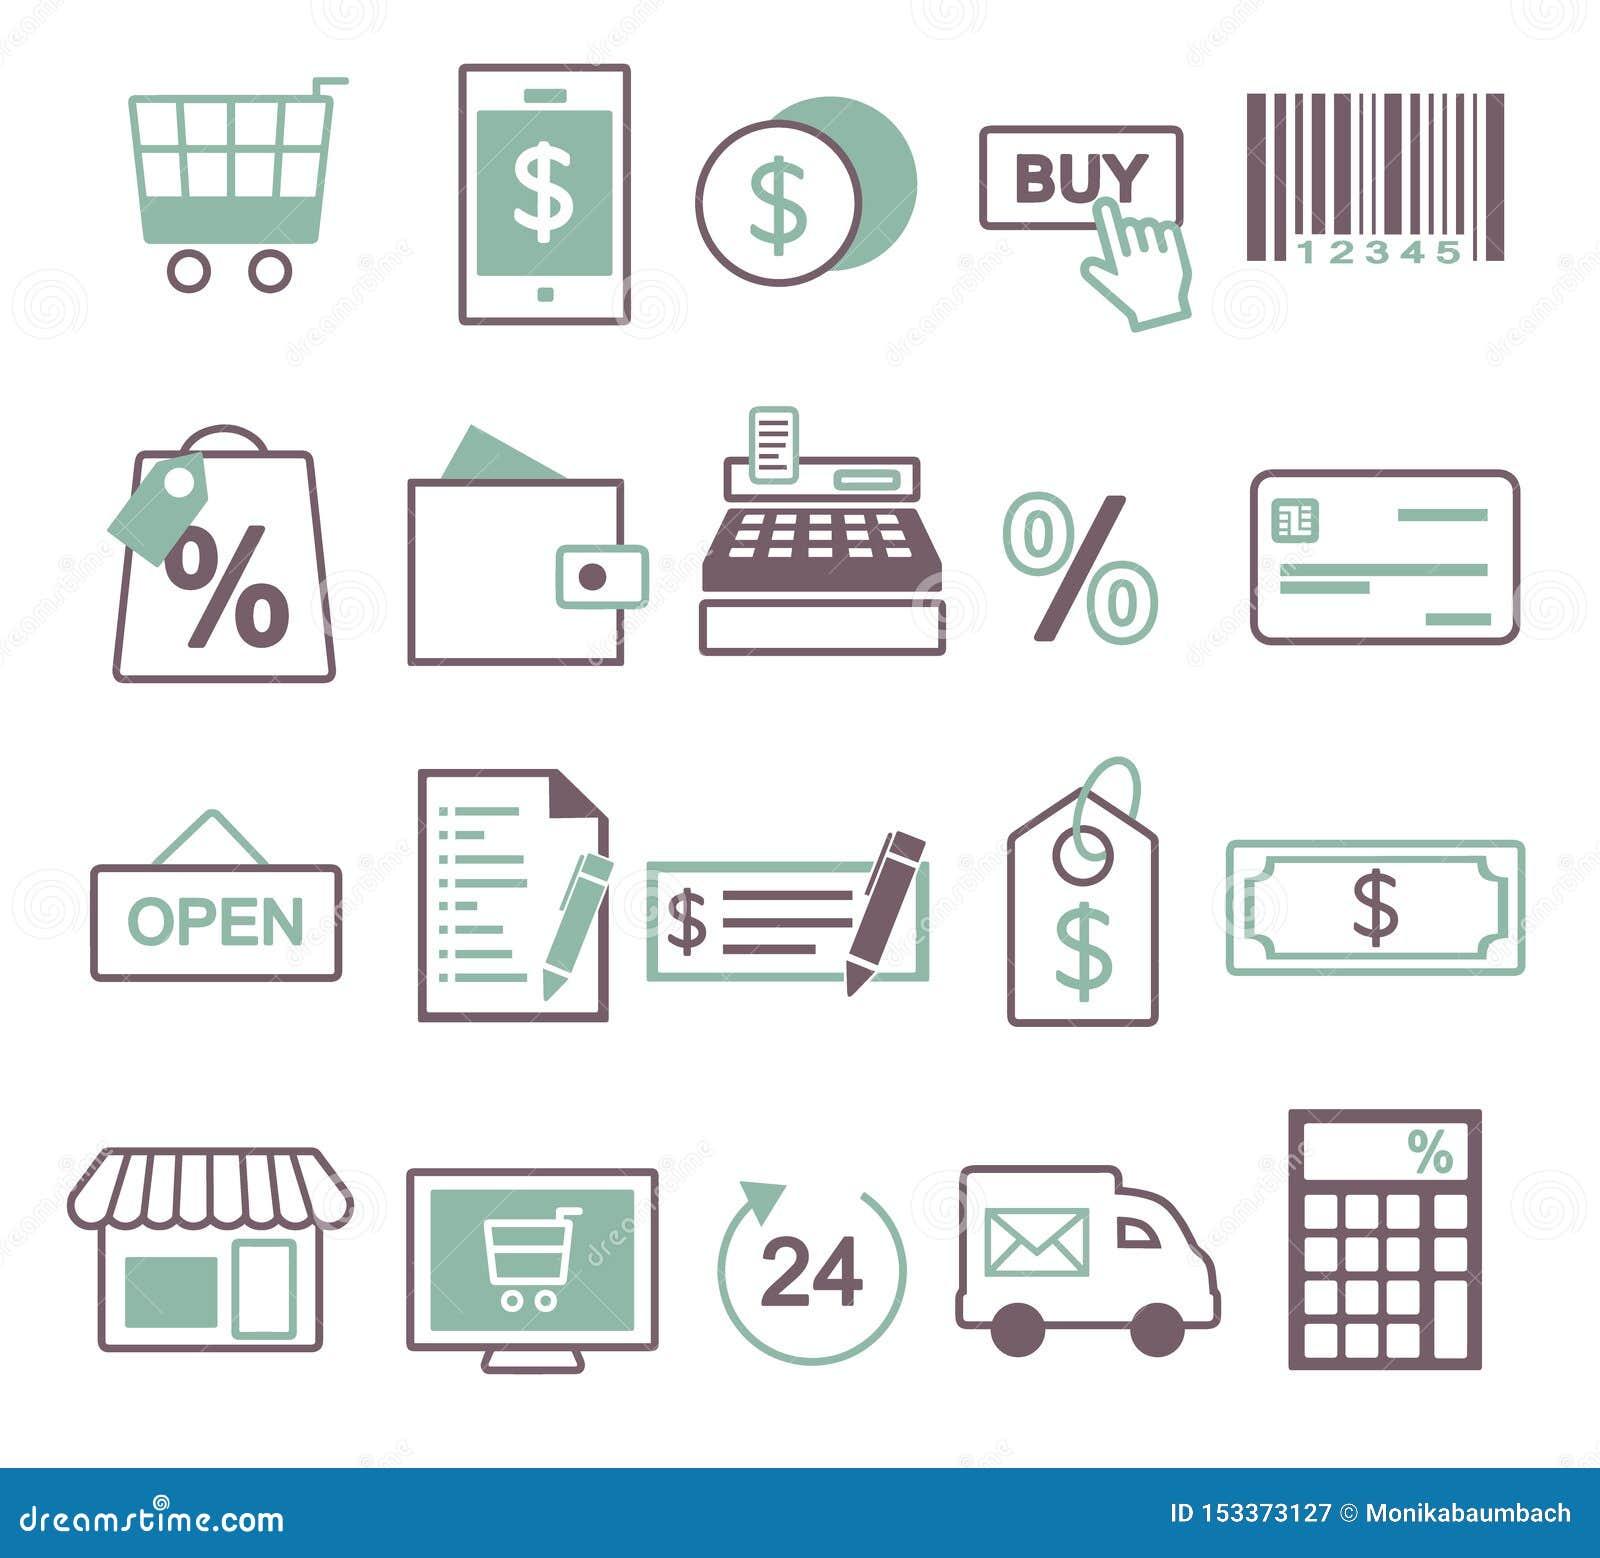 Vektorsymbolen ställde in för att skapa inforaphicsen släkt den online-shopping, försäljningen och komrets, inklusive den shoppa